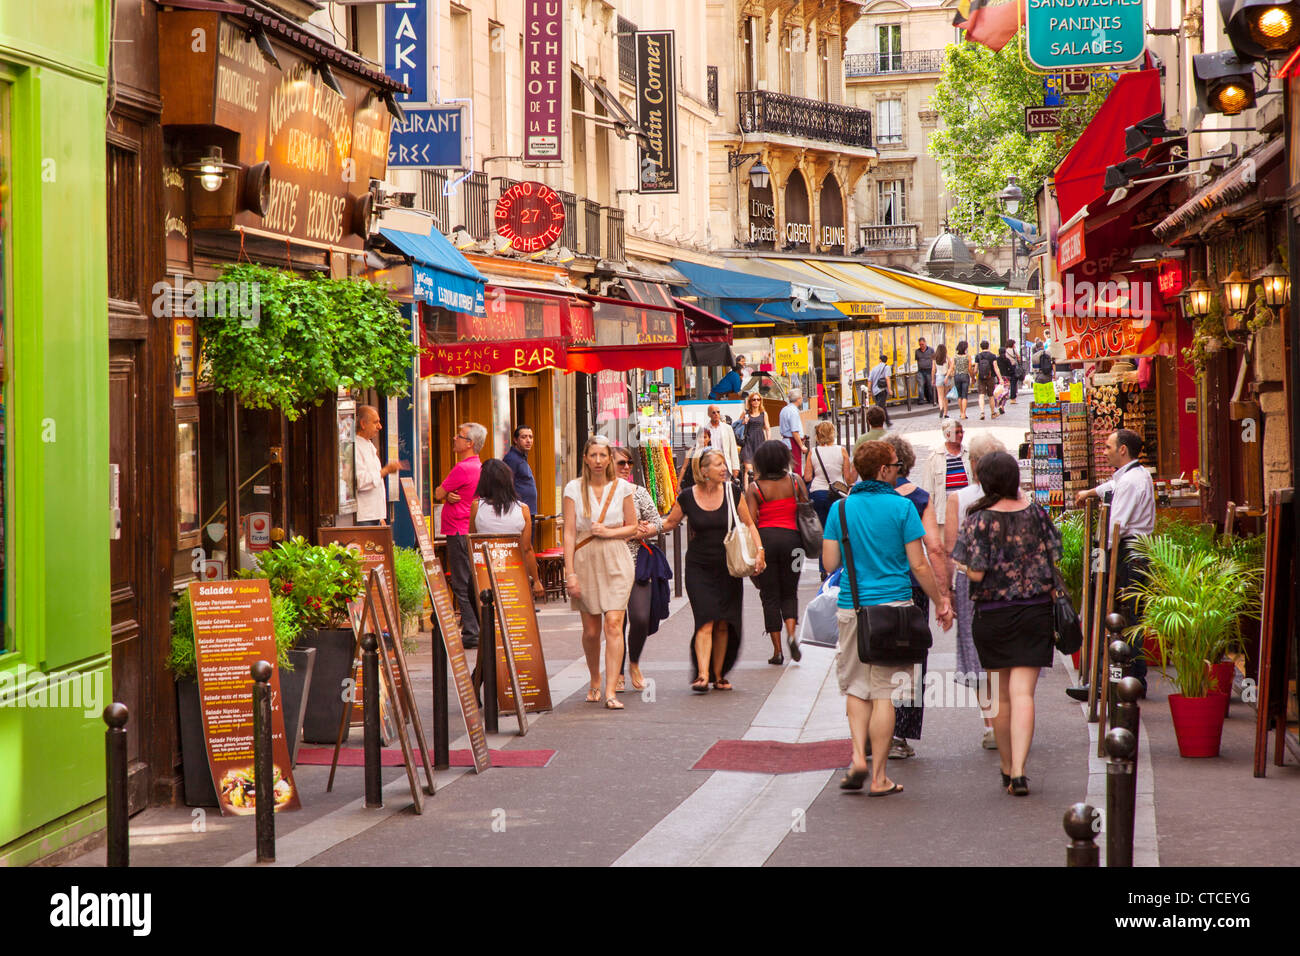 Restaurants In Latin Quarter Paris France